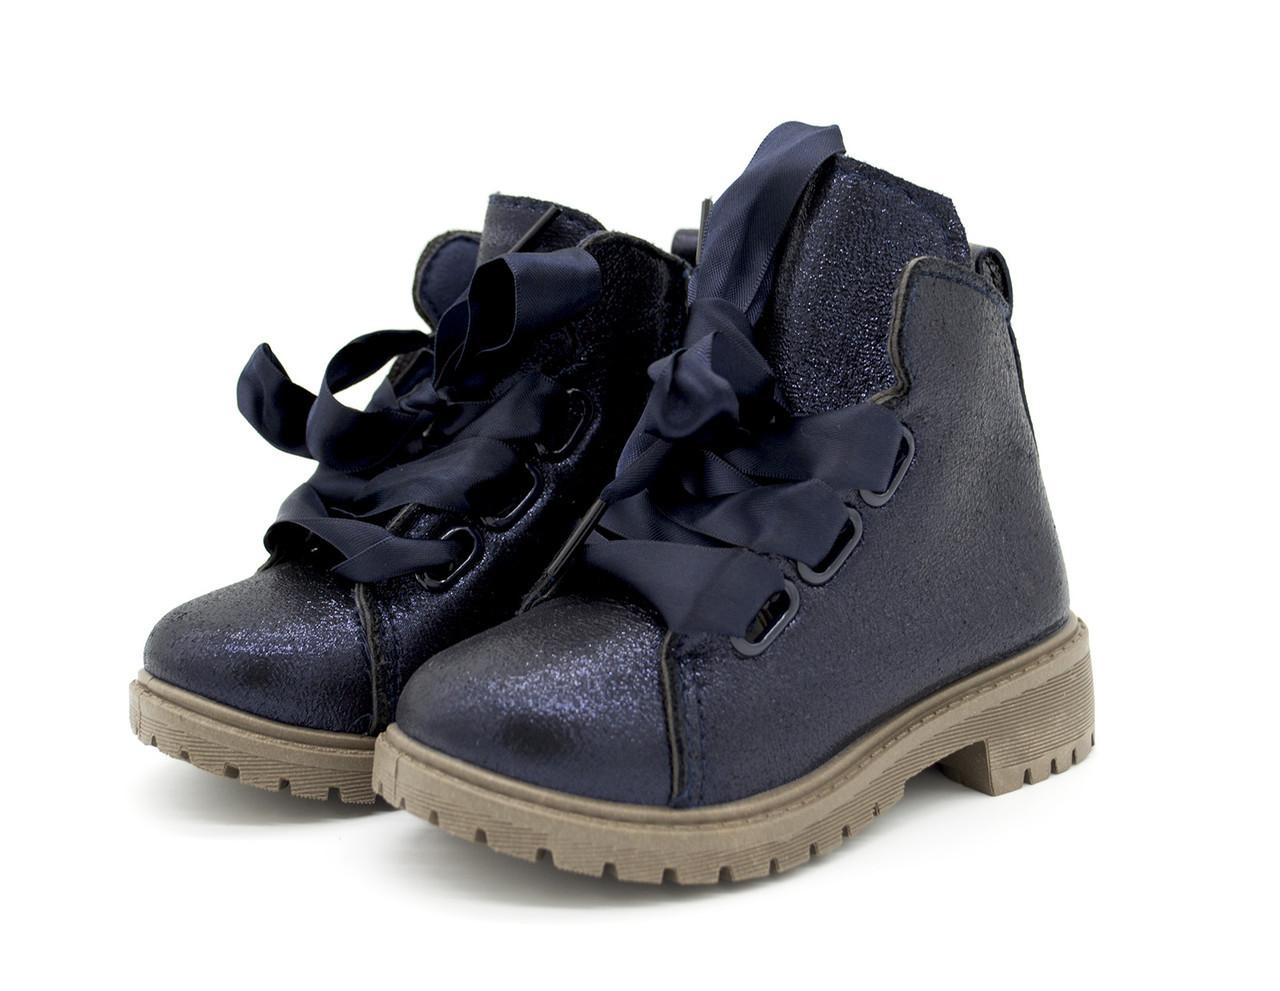 Ботинки весна-осень синие для девочек Размеры: 24 24 размер-15 см;